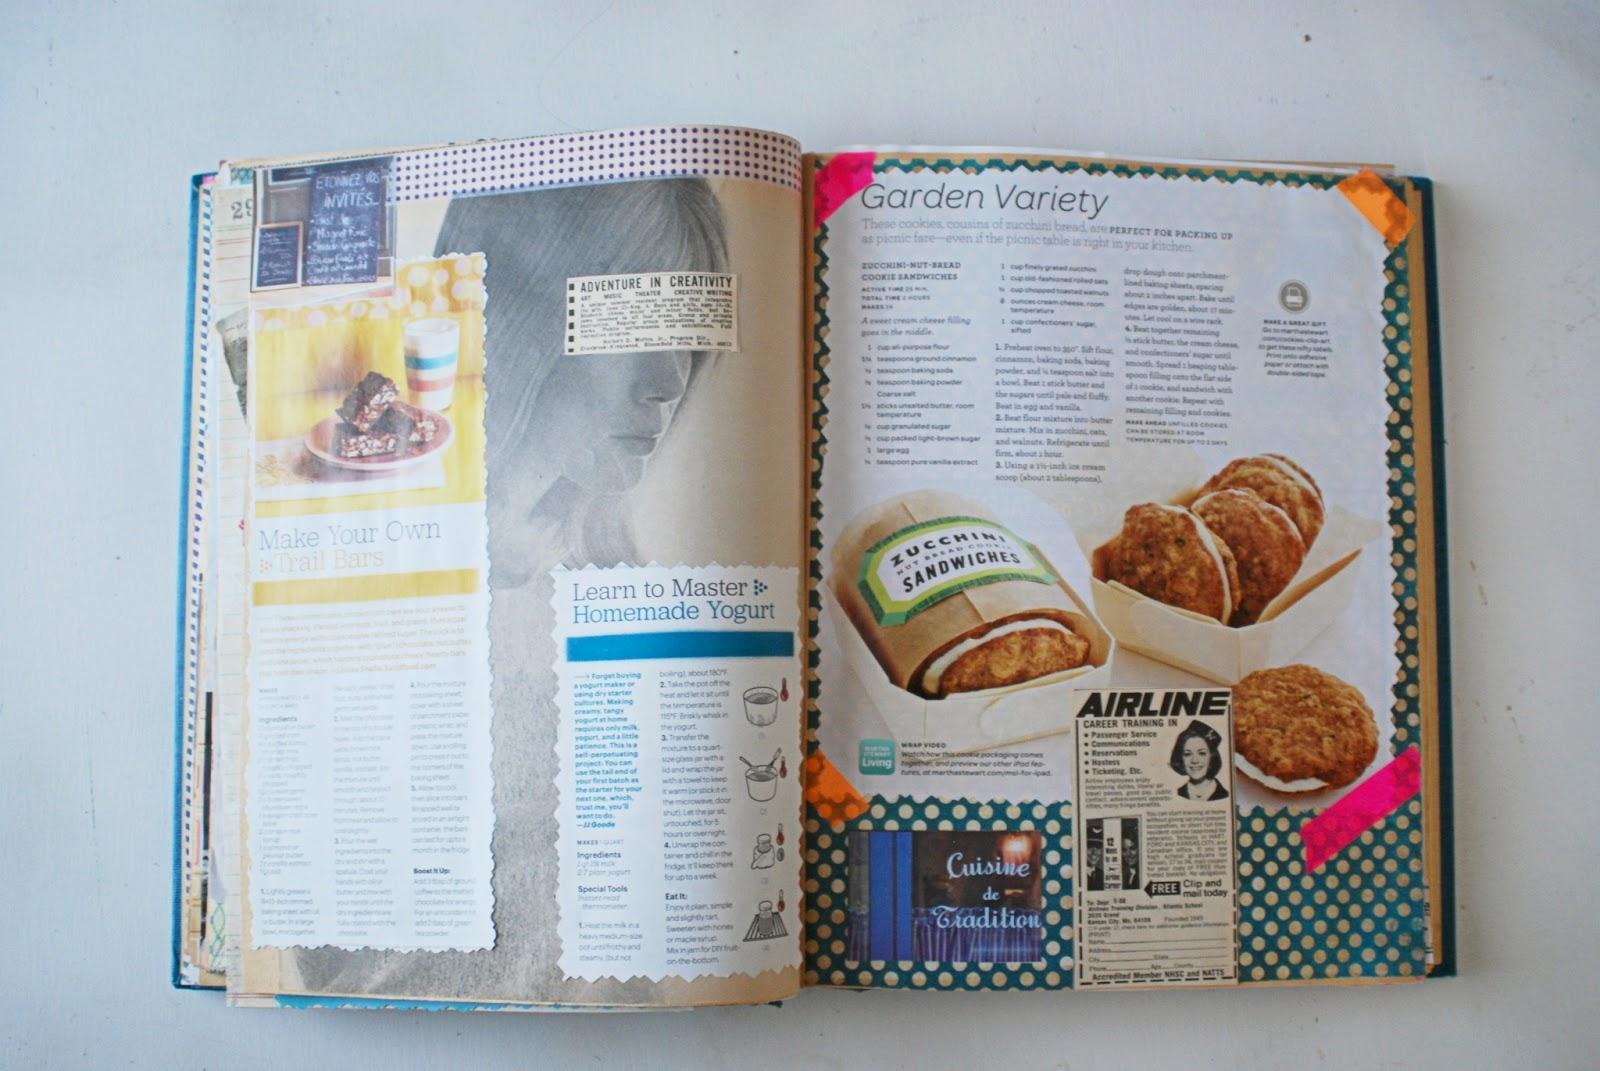 How to scrapbook a recipe book - How To Scrapbook A Recipe Book 84